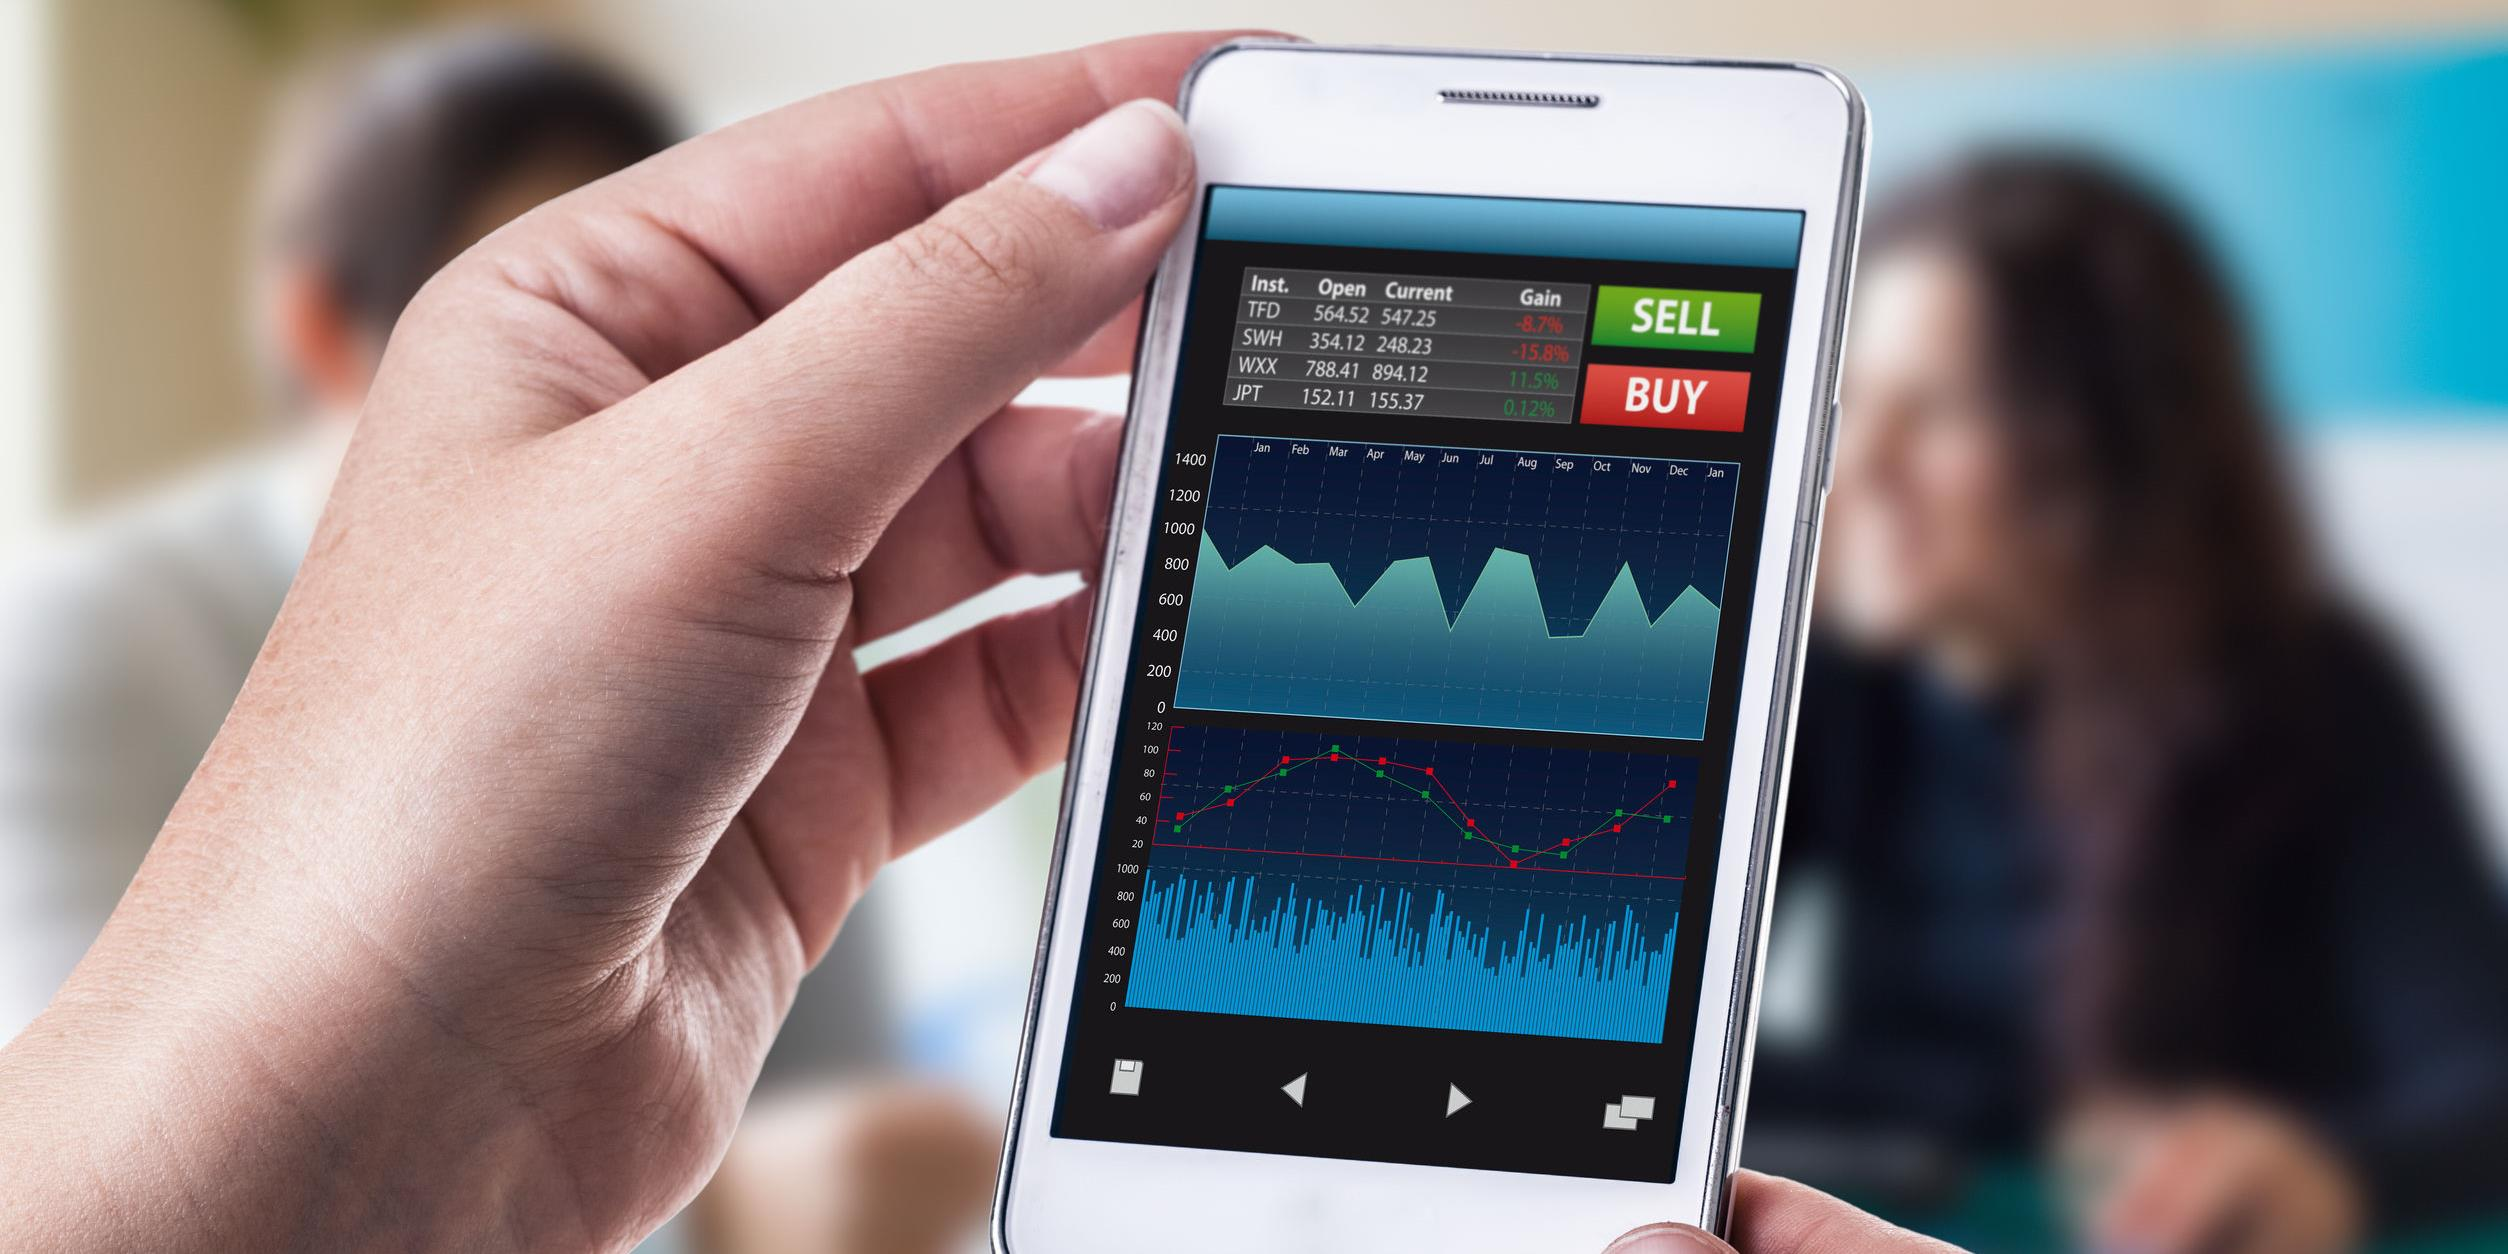 ahol online véleményeket szerezhet bináris opciók kereskedésére szolgáló rendszerek